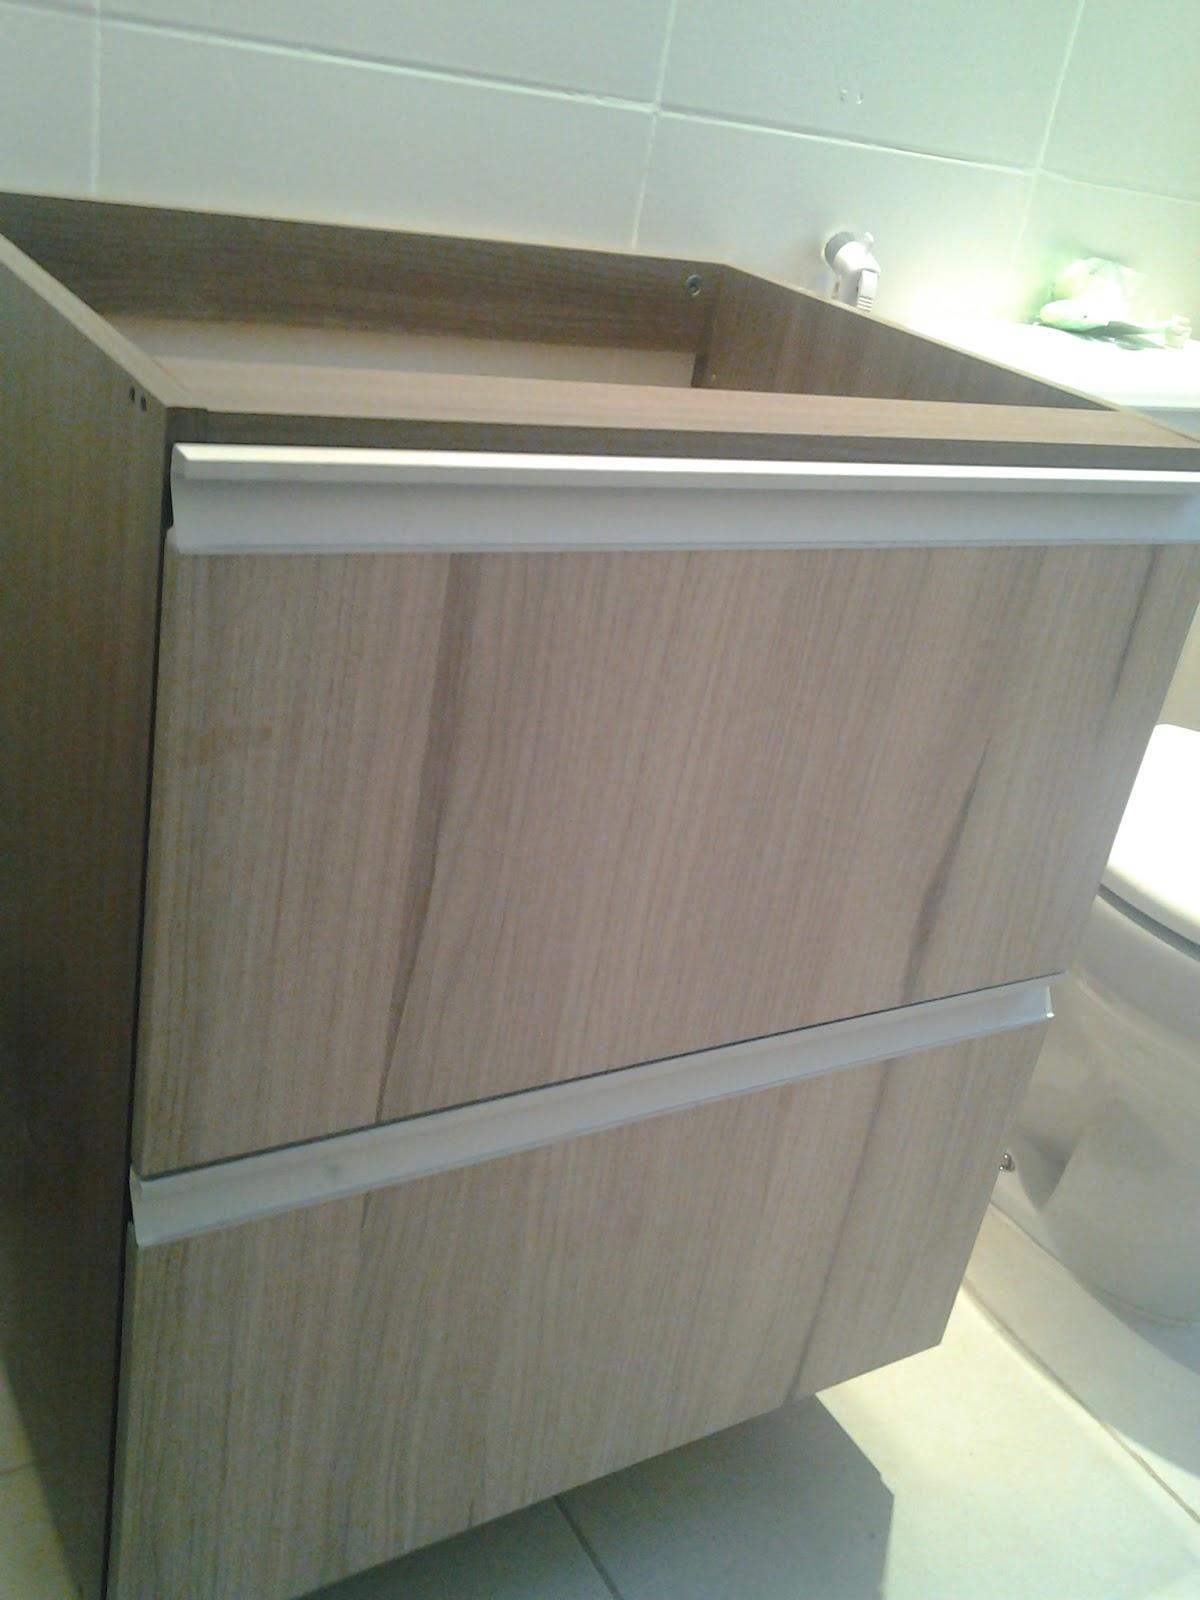 armario do banheiro uma basculante e um gavetaõ faltando ainda  #567A51 1200 1600